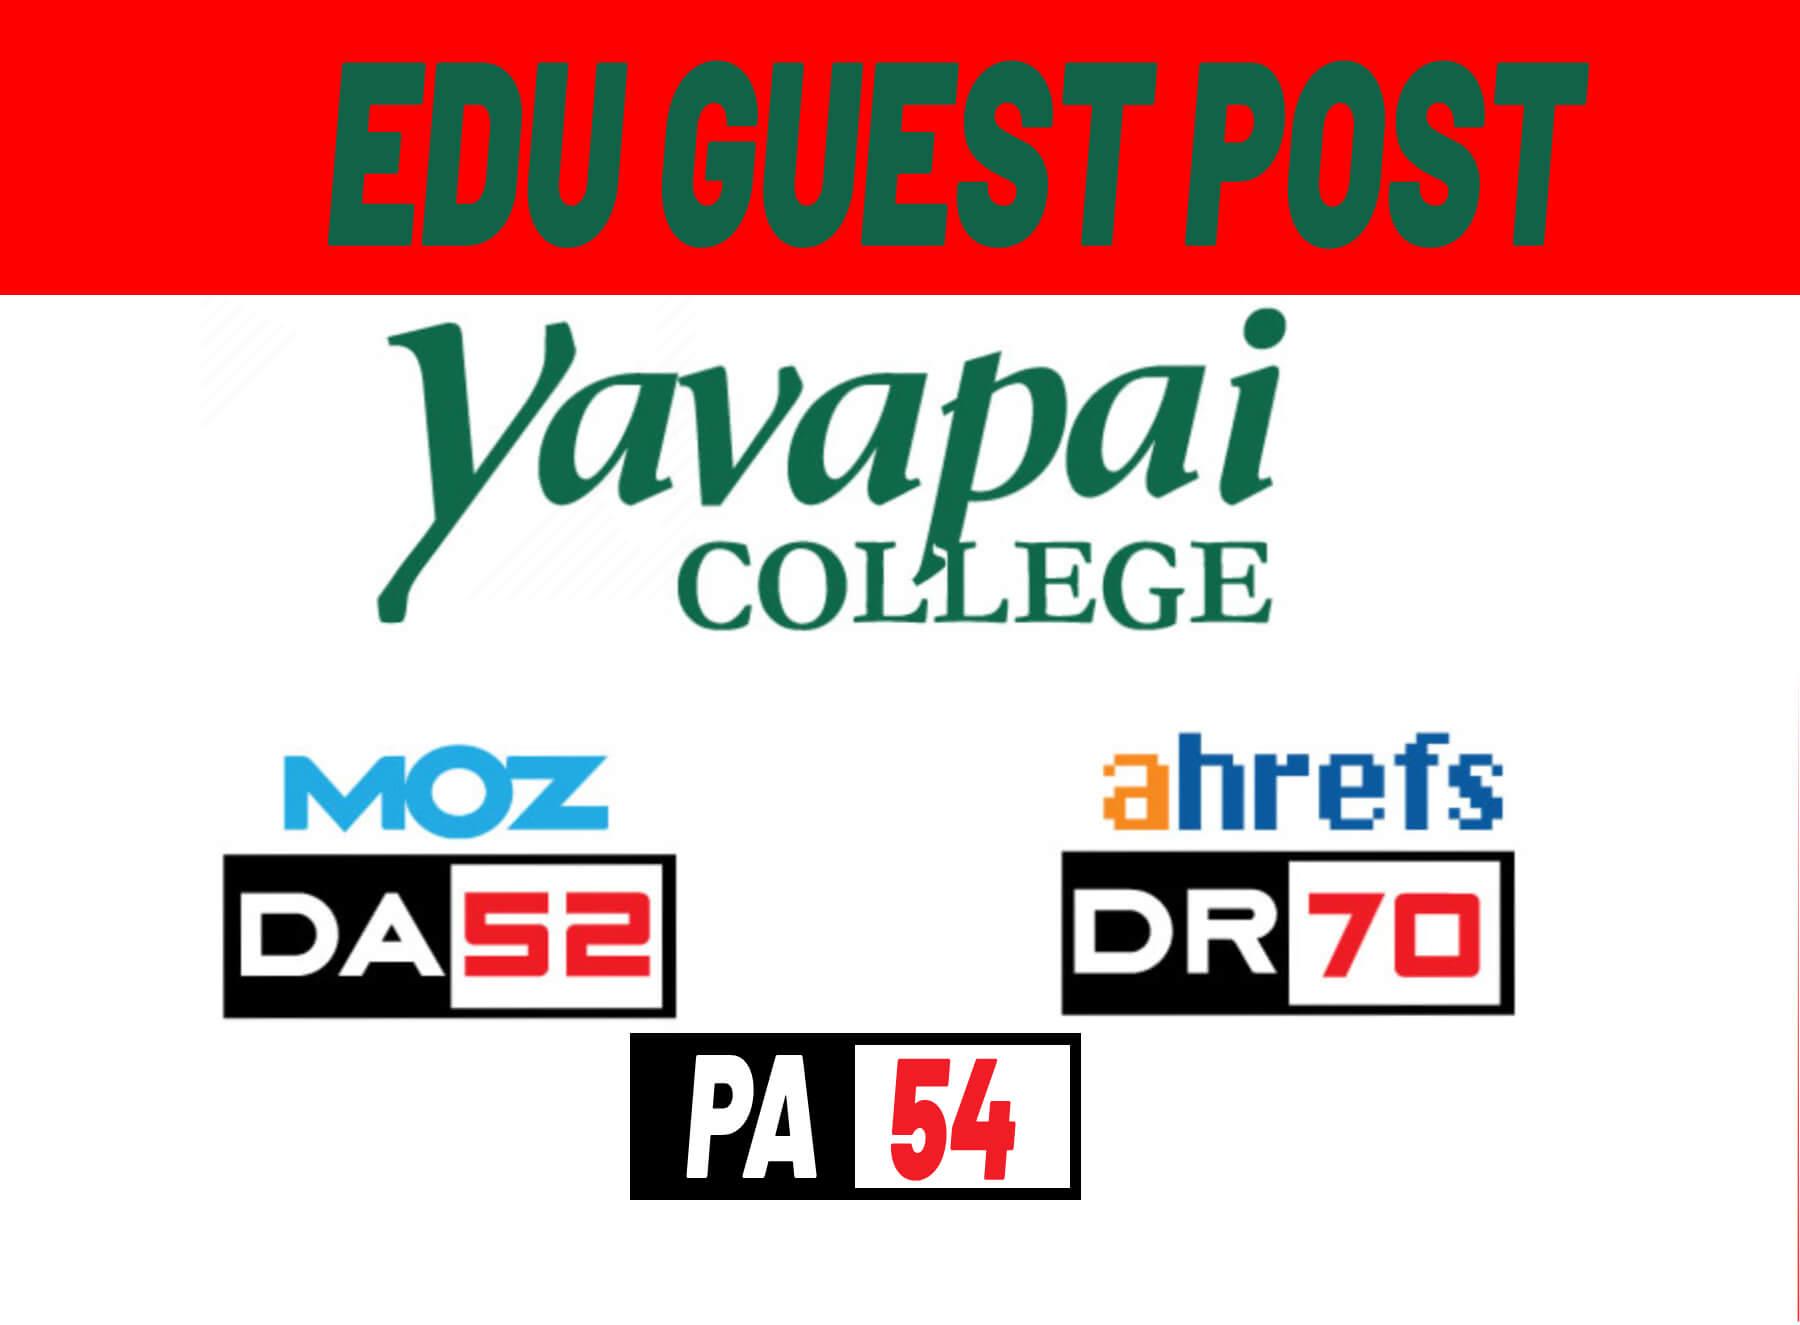 Do-Follow EDU Guest Post Backlink on YC-Yavapai College- DA52,  DR70, PA54